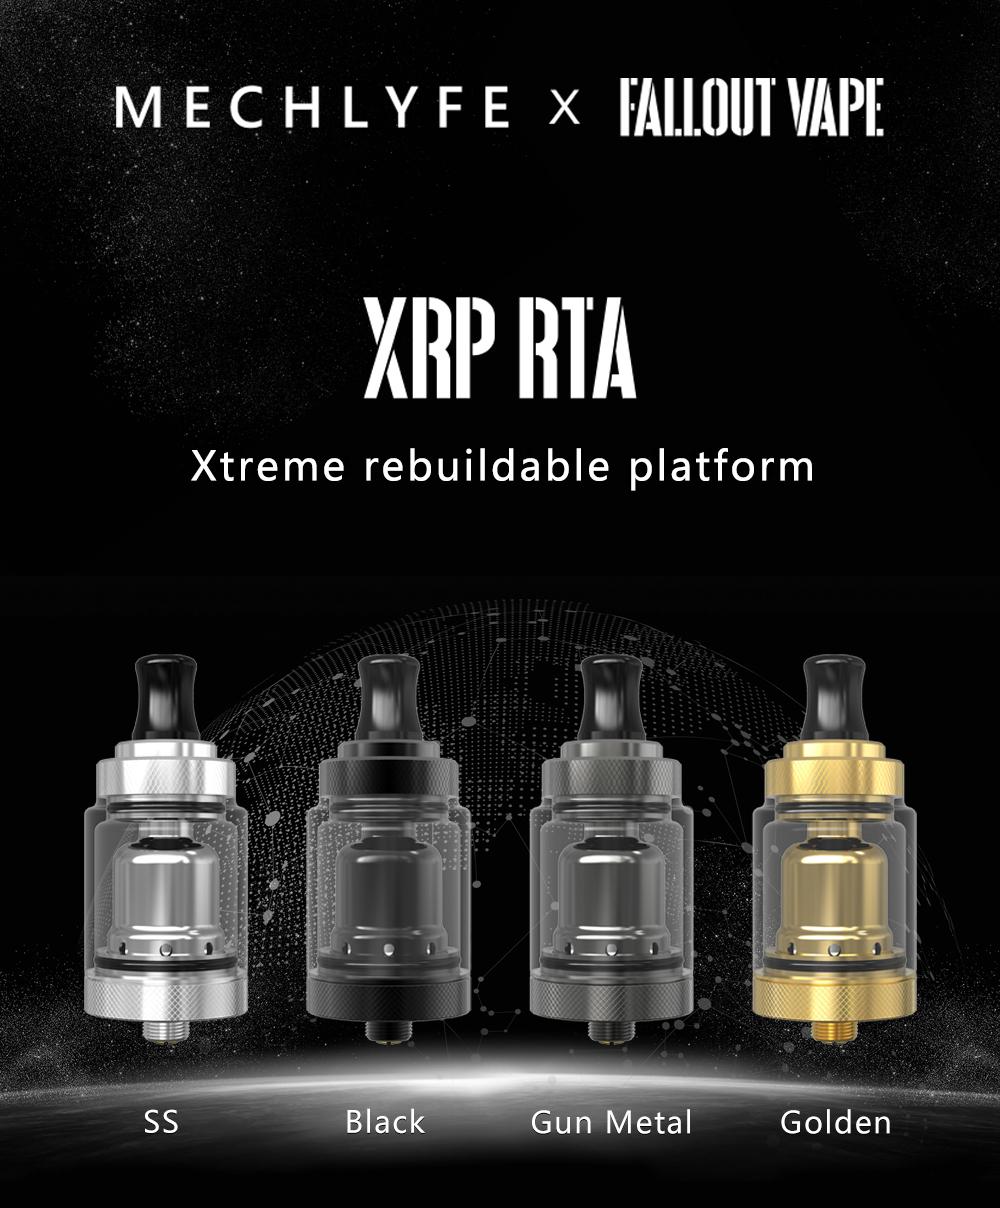 Mechlyfe X Fallout Vape XRP RTA